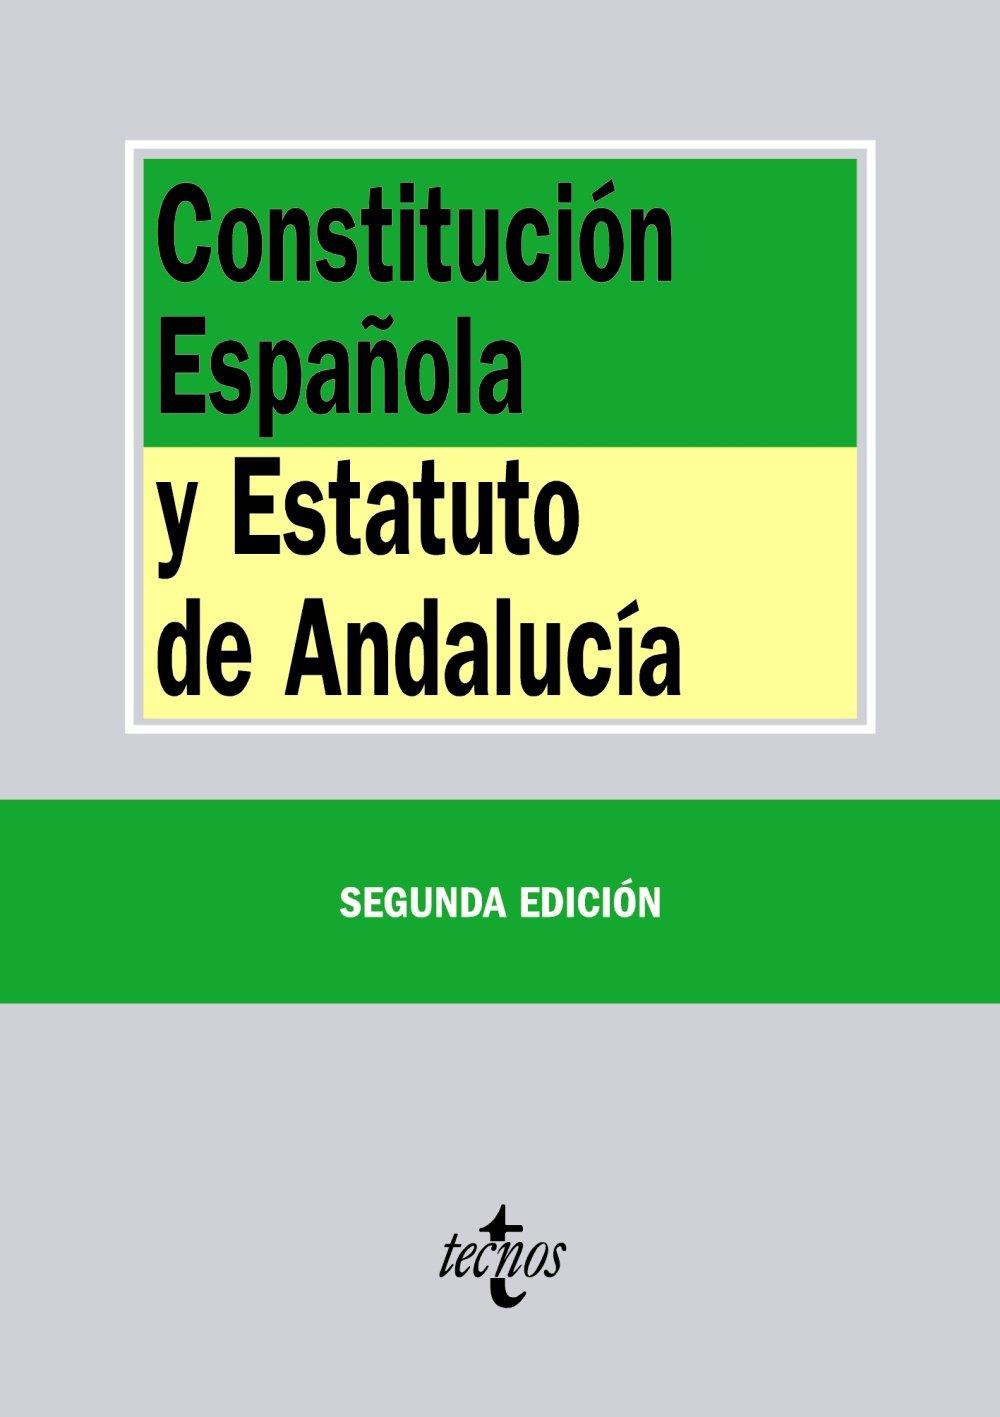 Constitución Española Y Estatuto De Andalucía - 2ª Edición Derecho - Biblioteca de Textos Legales: Amazon.es: Editorial Tecnos: Libros